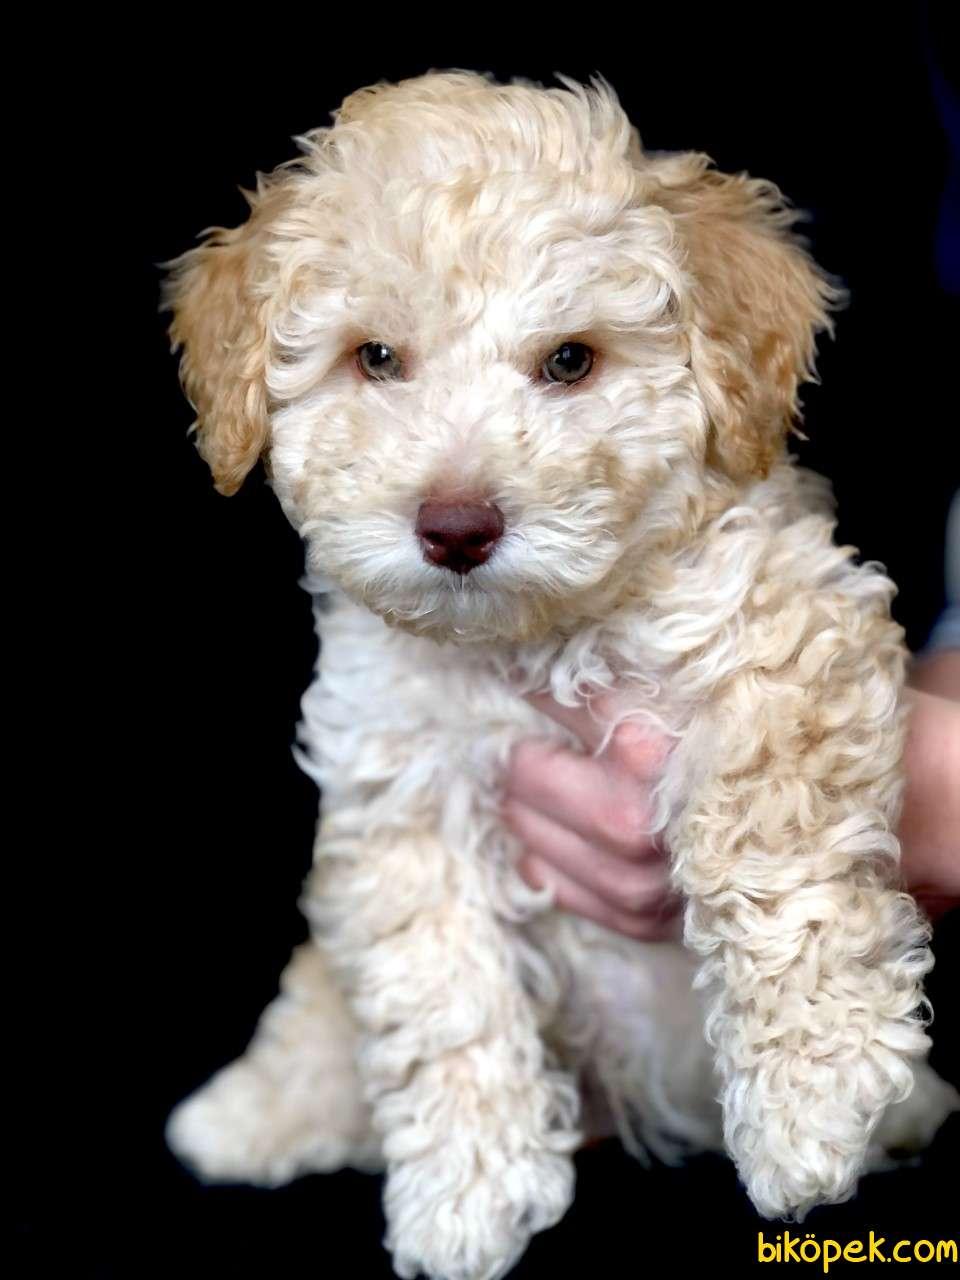 Yemyeşil Gözlü Poodle Yavrumuz Microchiplidir 1